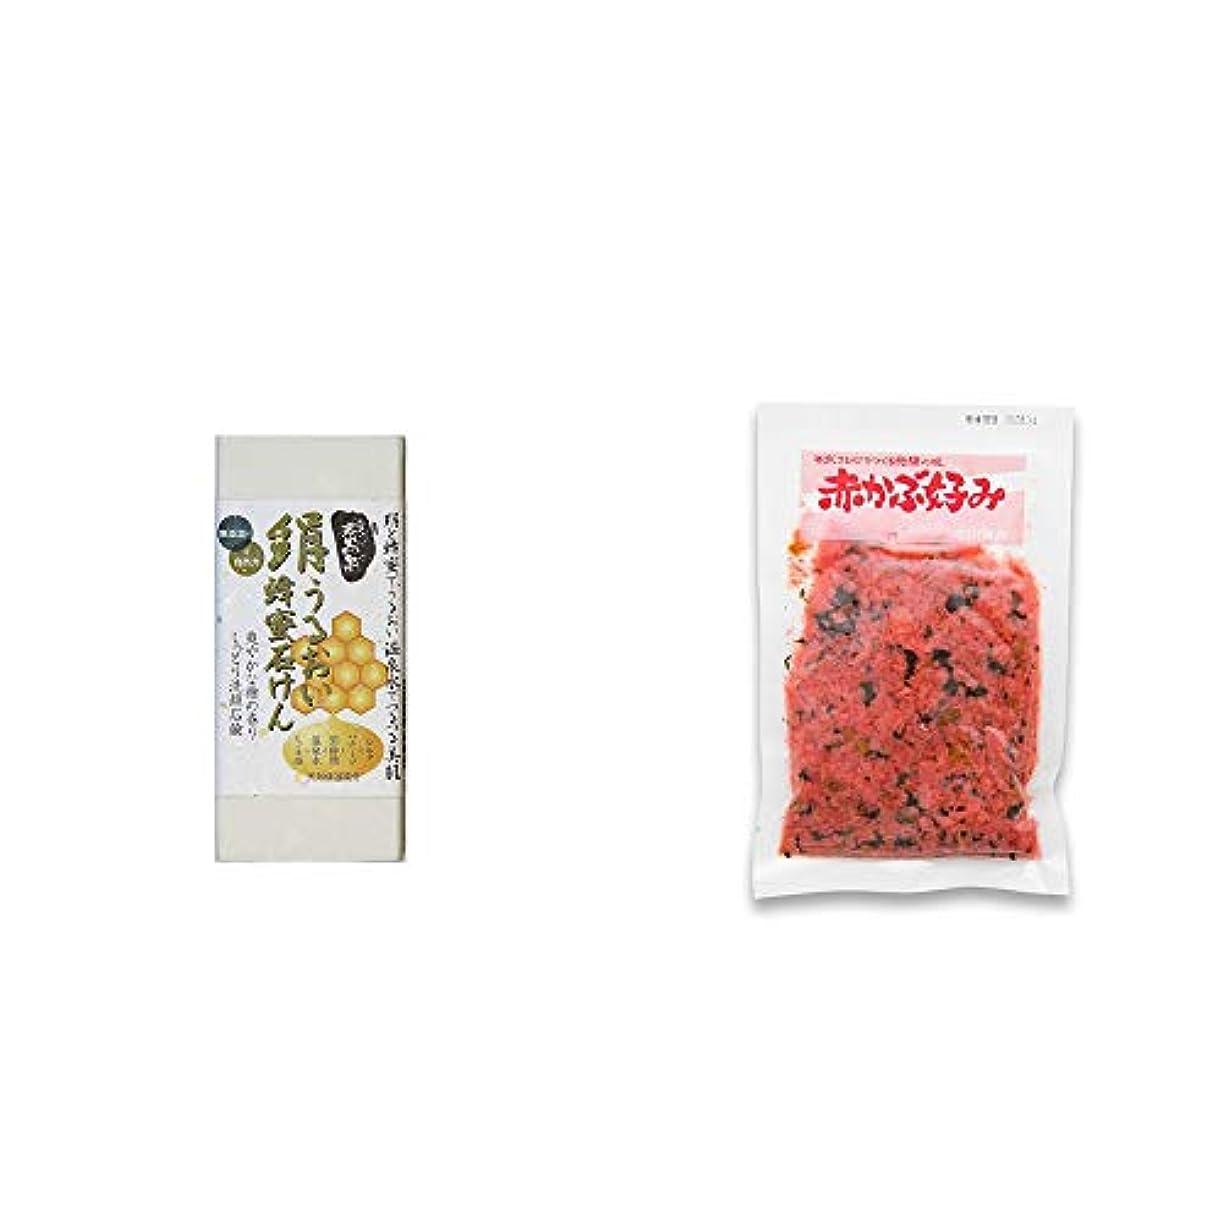 検出不振ほぼ[2点セット] ひのき炭黒泉 絹うるおい蜂蜜石けん(75g×2)?赤かぶ好み(150g)